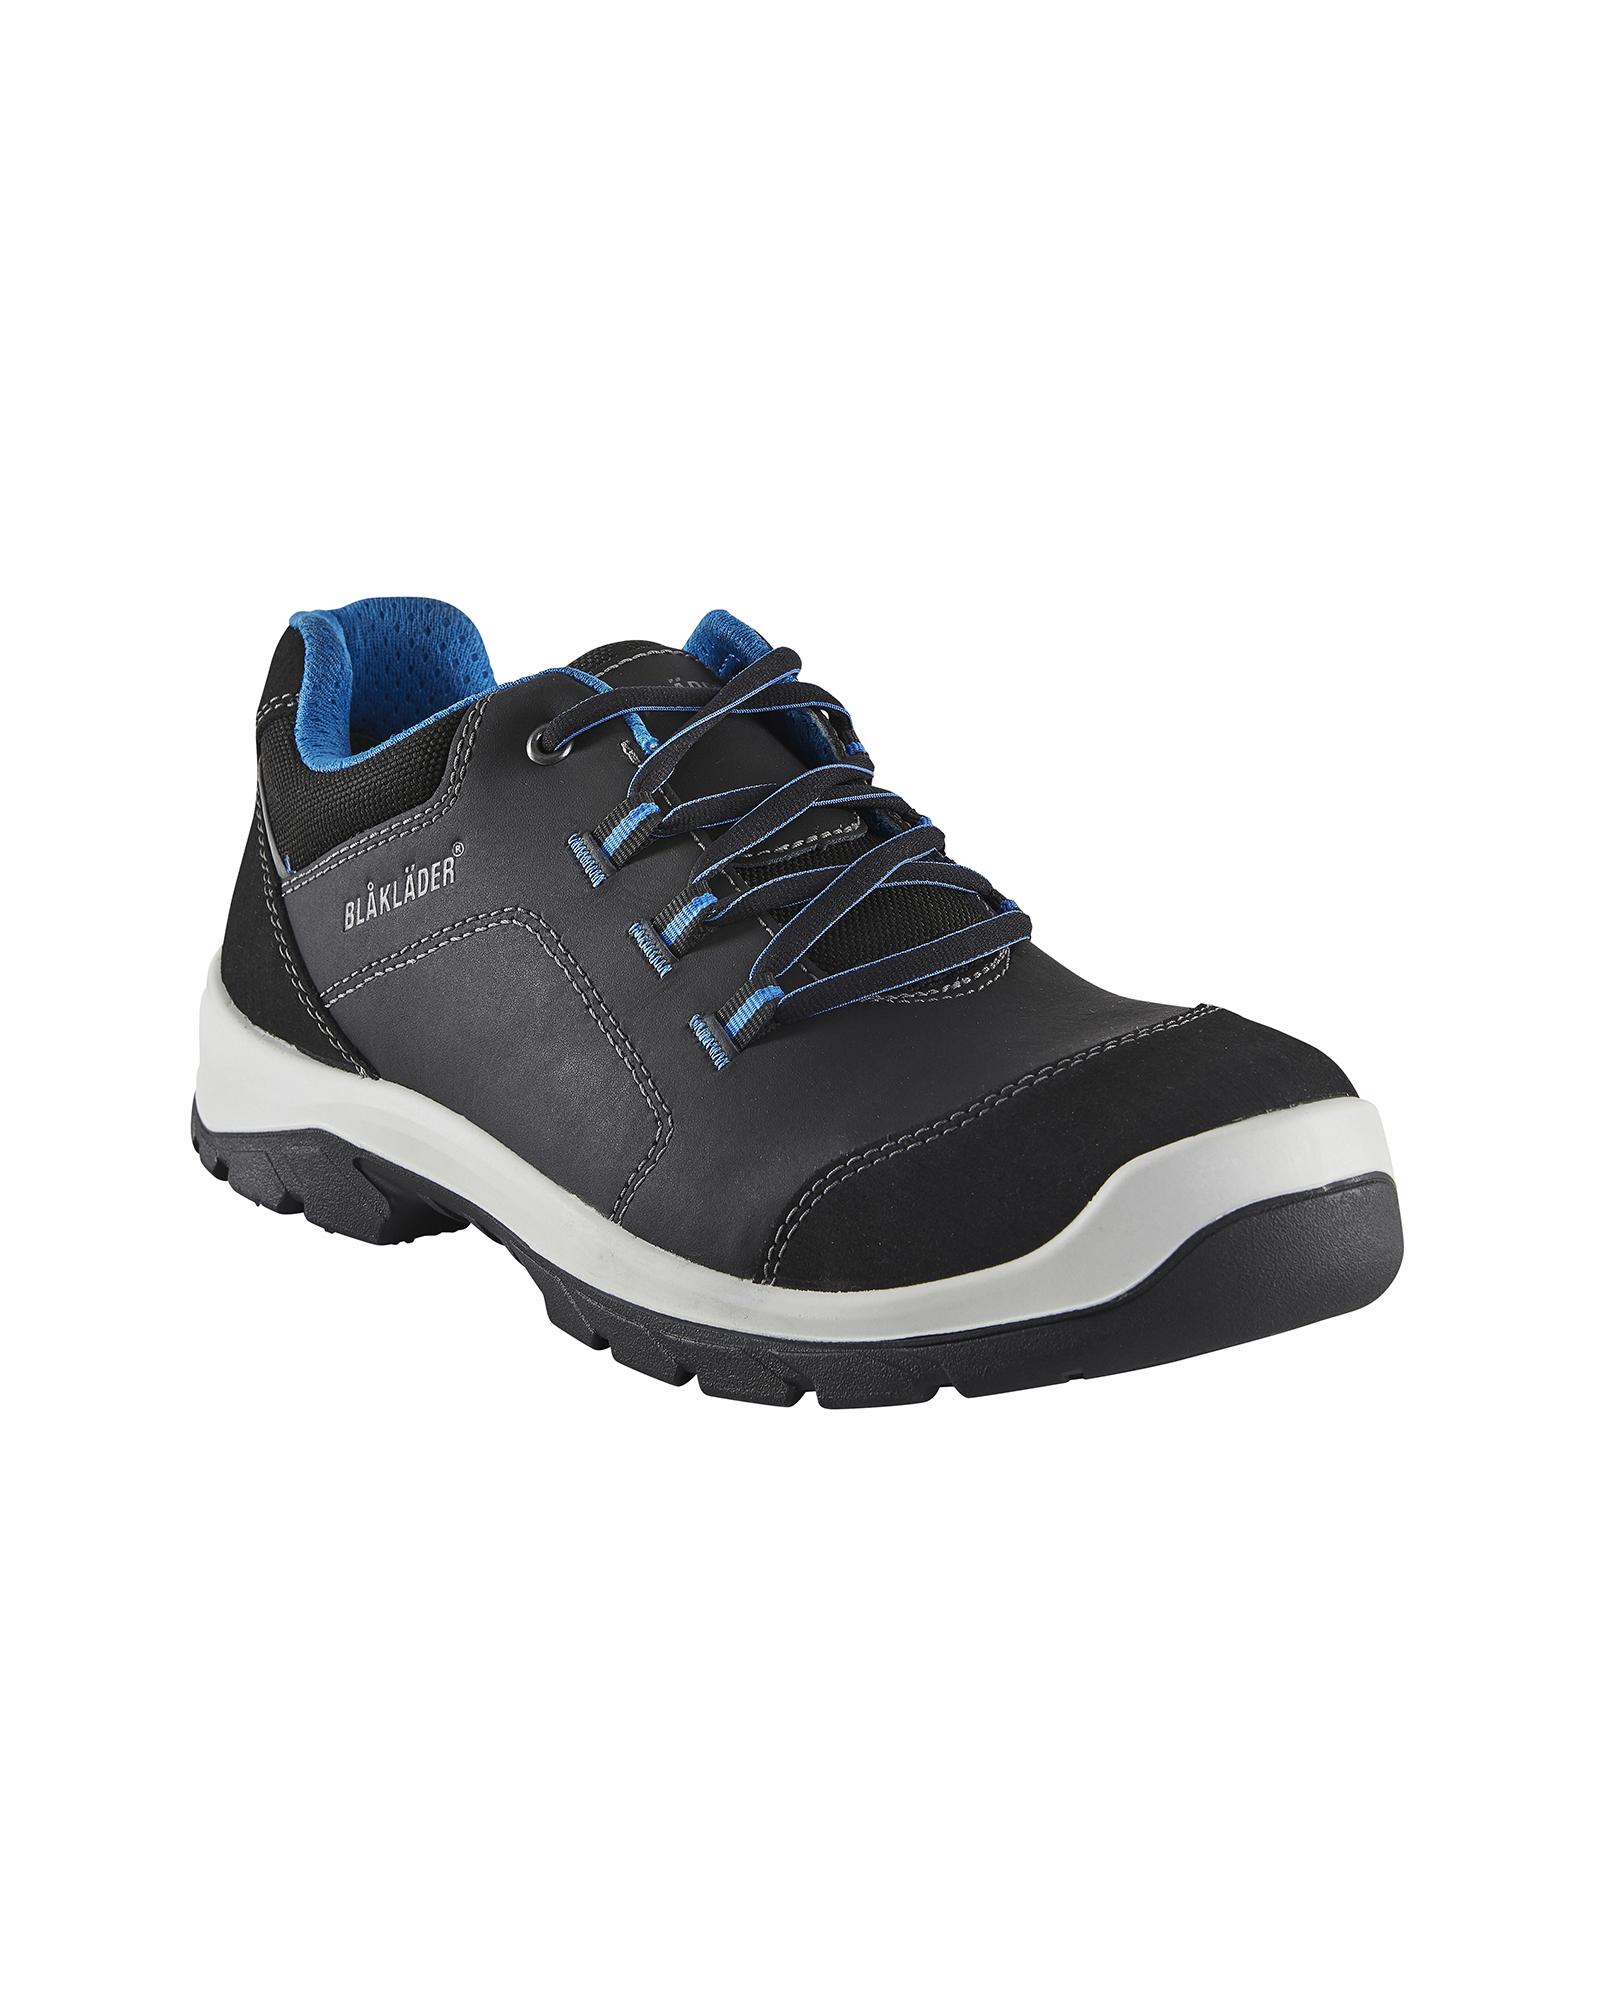 Safety shoe S3 BLKL€DER 2433 RETRO